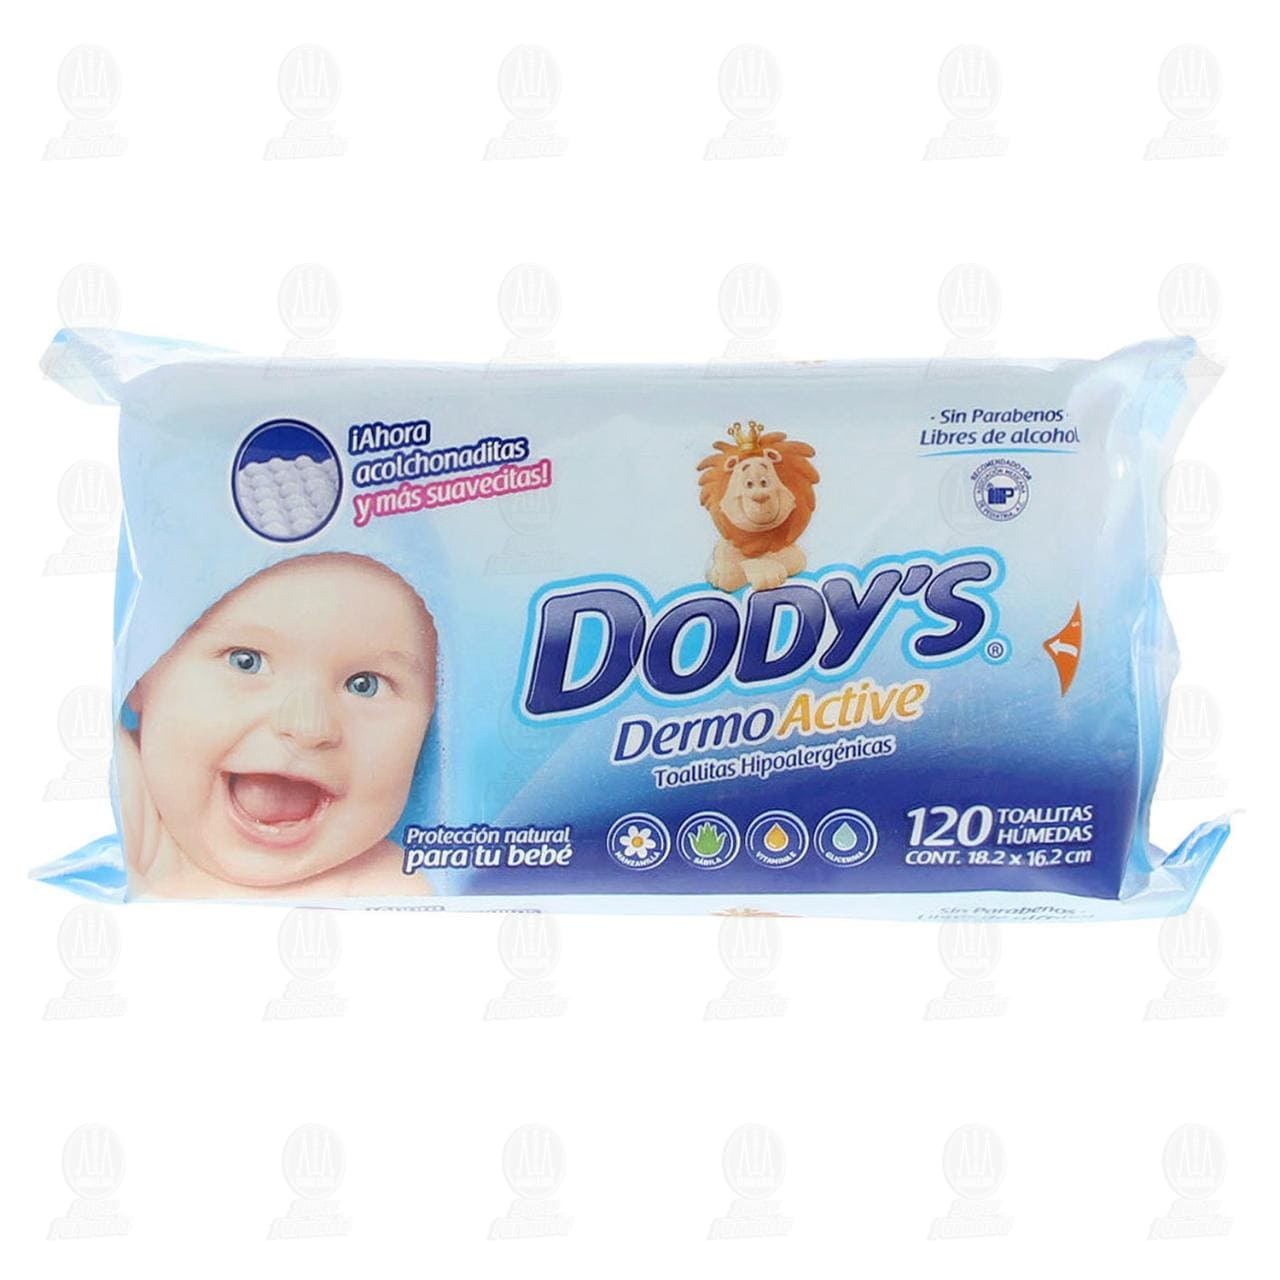 Comprar Toallitas para Bebé Dody's Dermo Active Hipoalergénicas, 120 pzas. en Farmacias Guadalajara